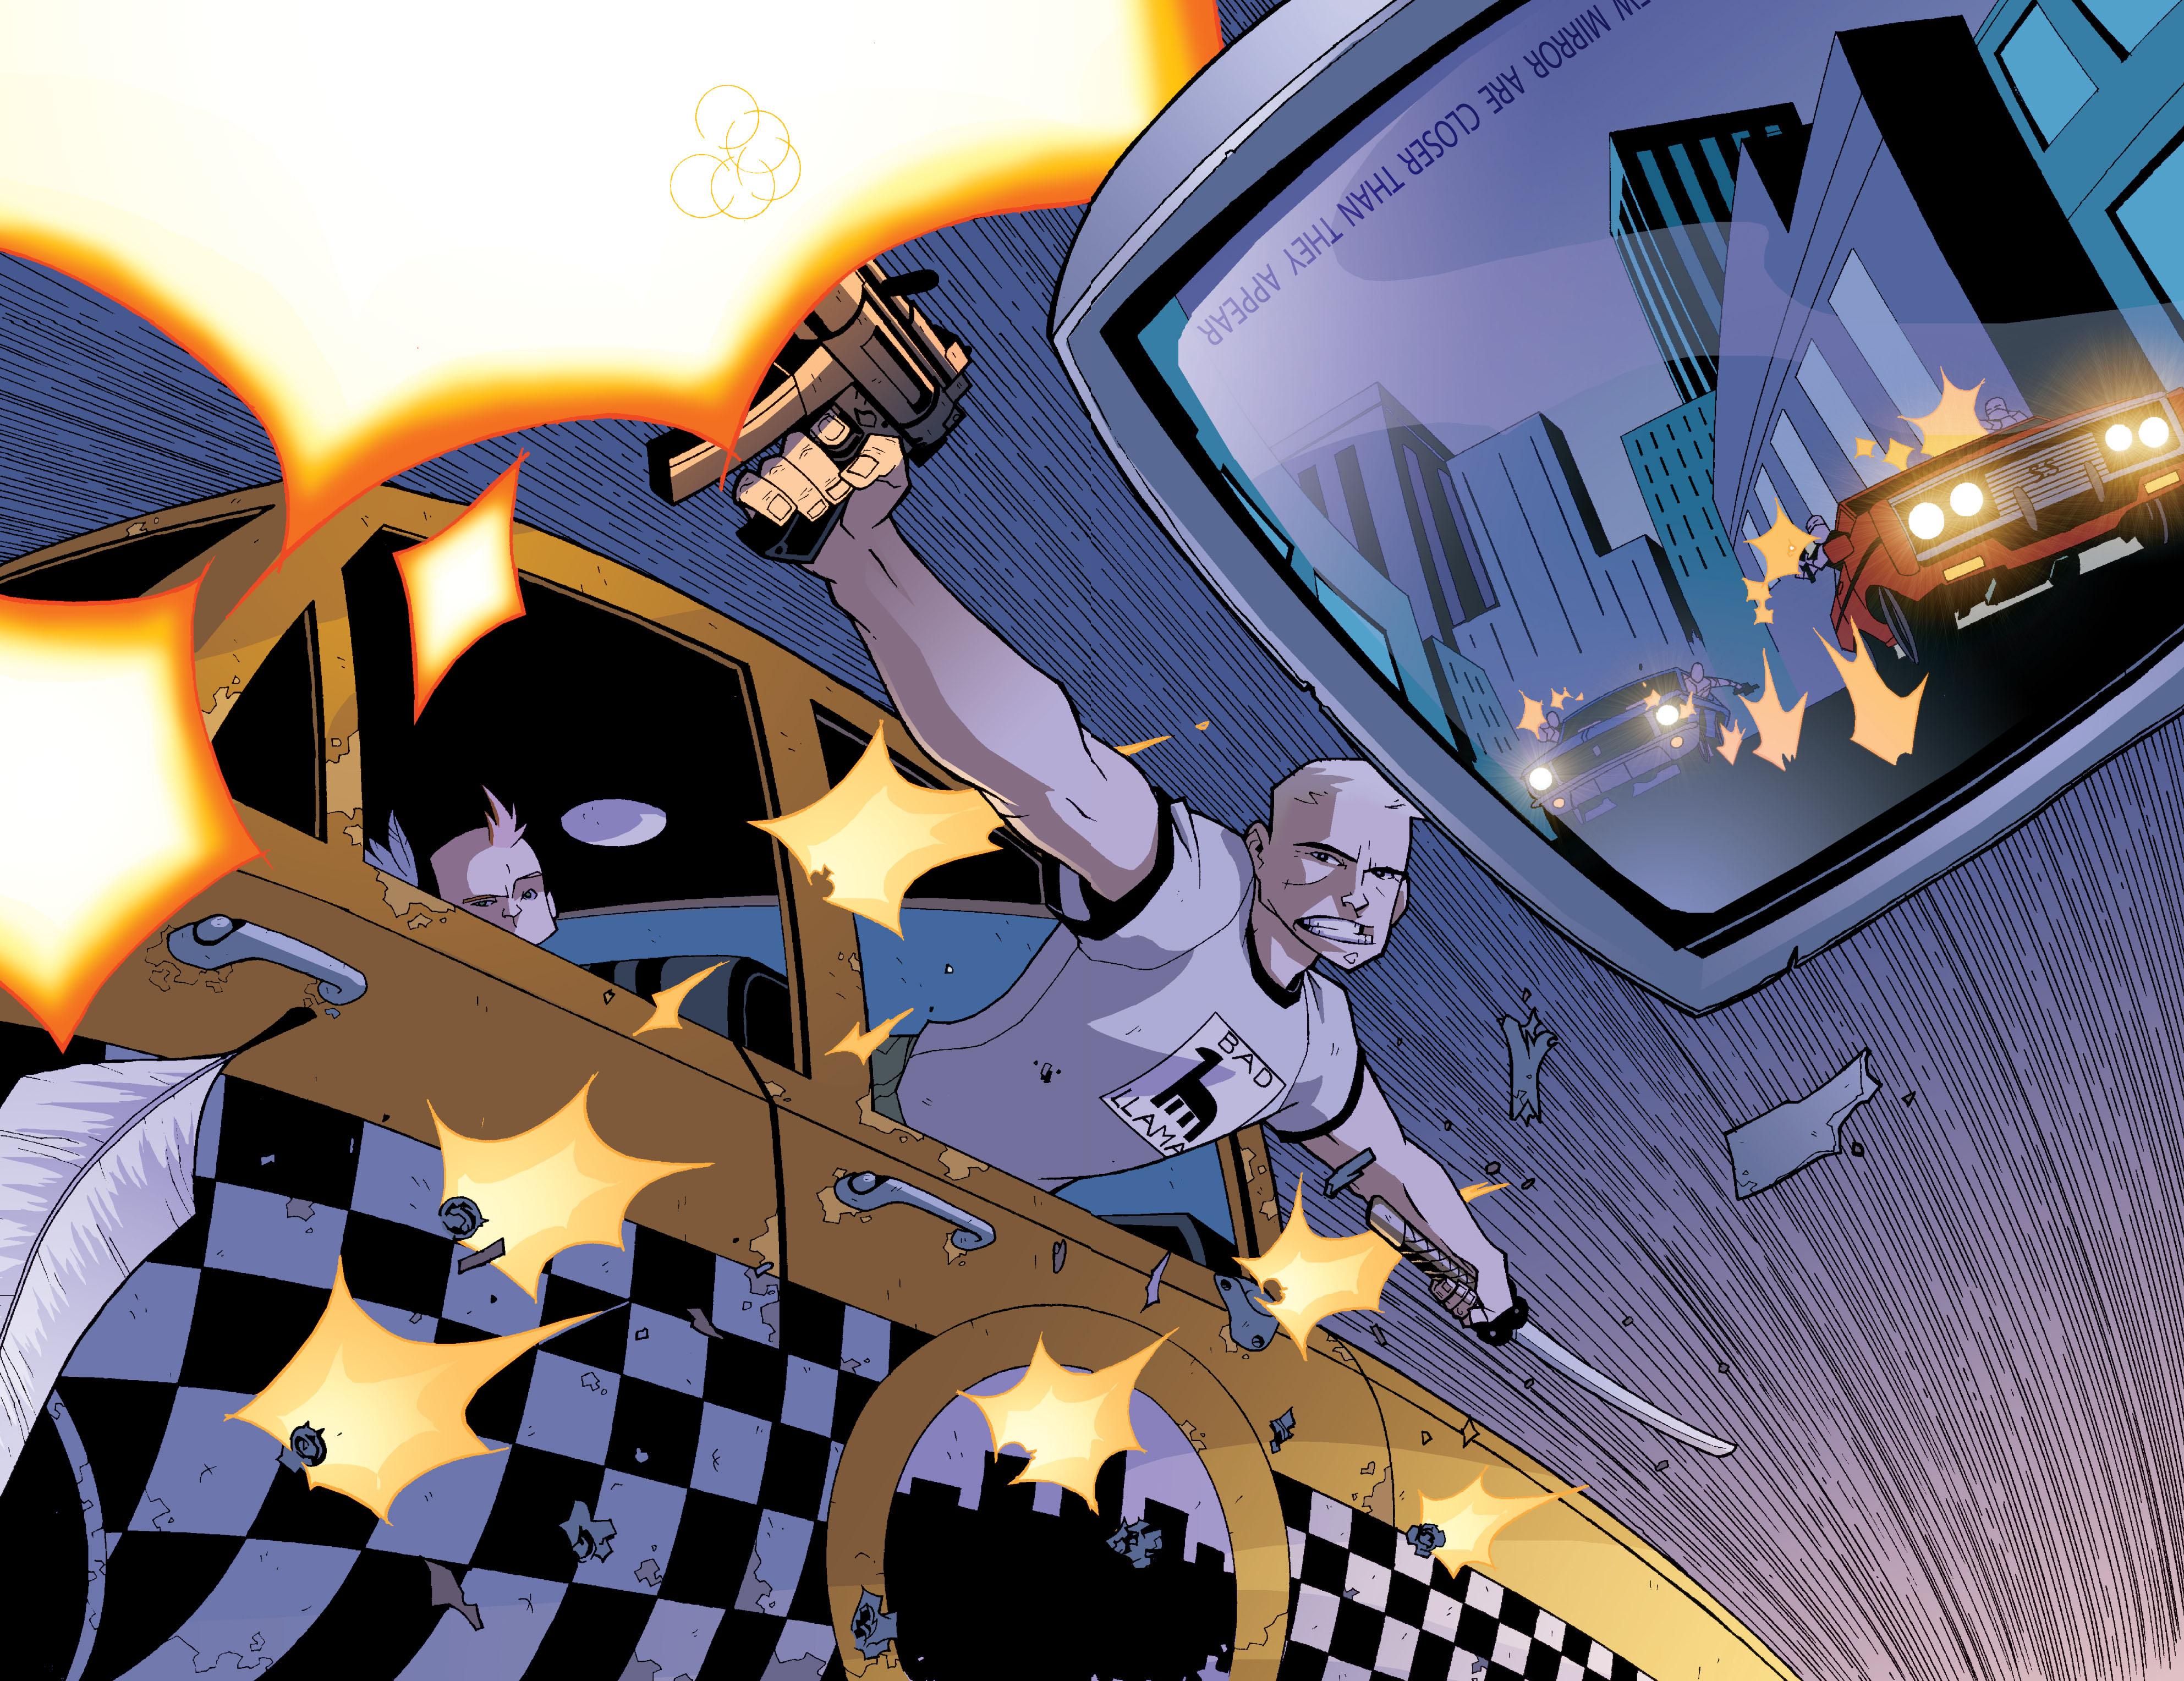 Read online Killer Of Demons comic -  Issue #2 - 4